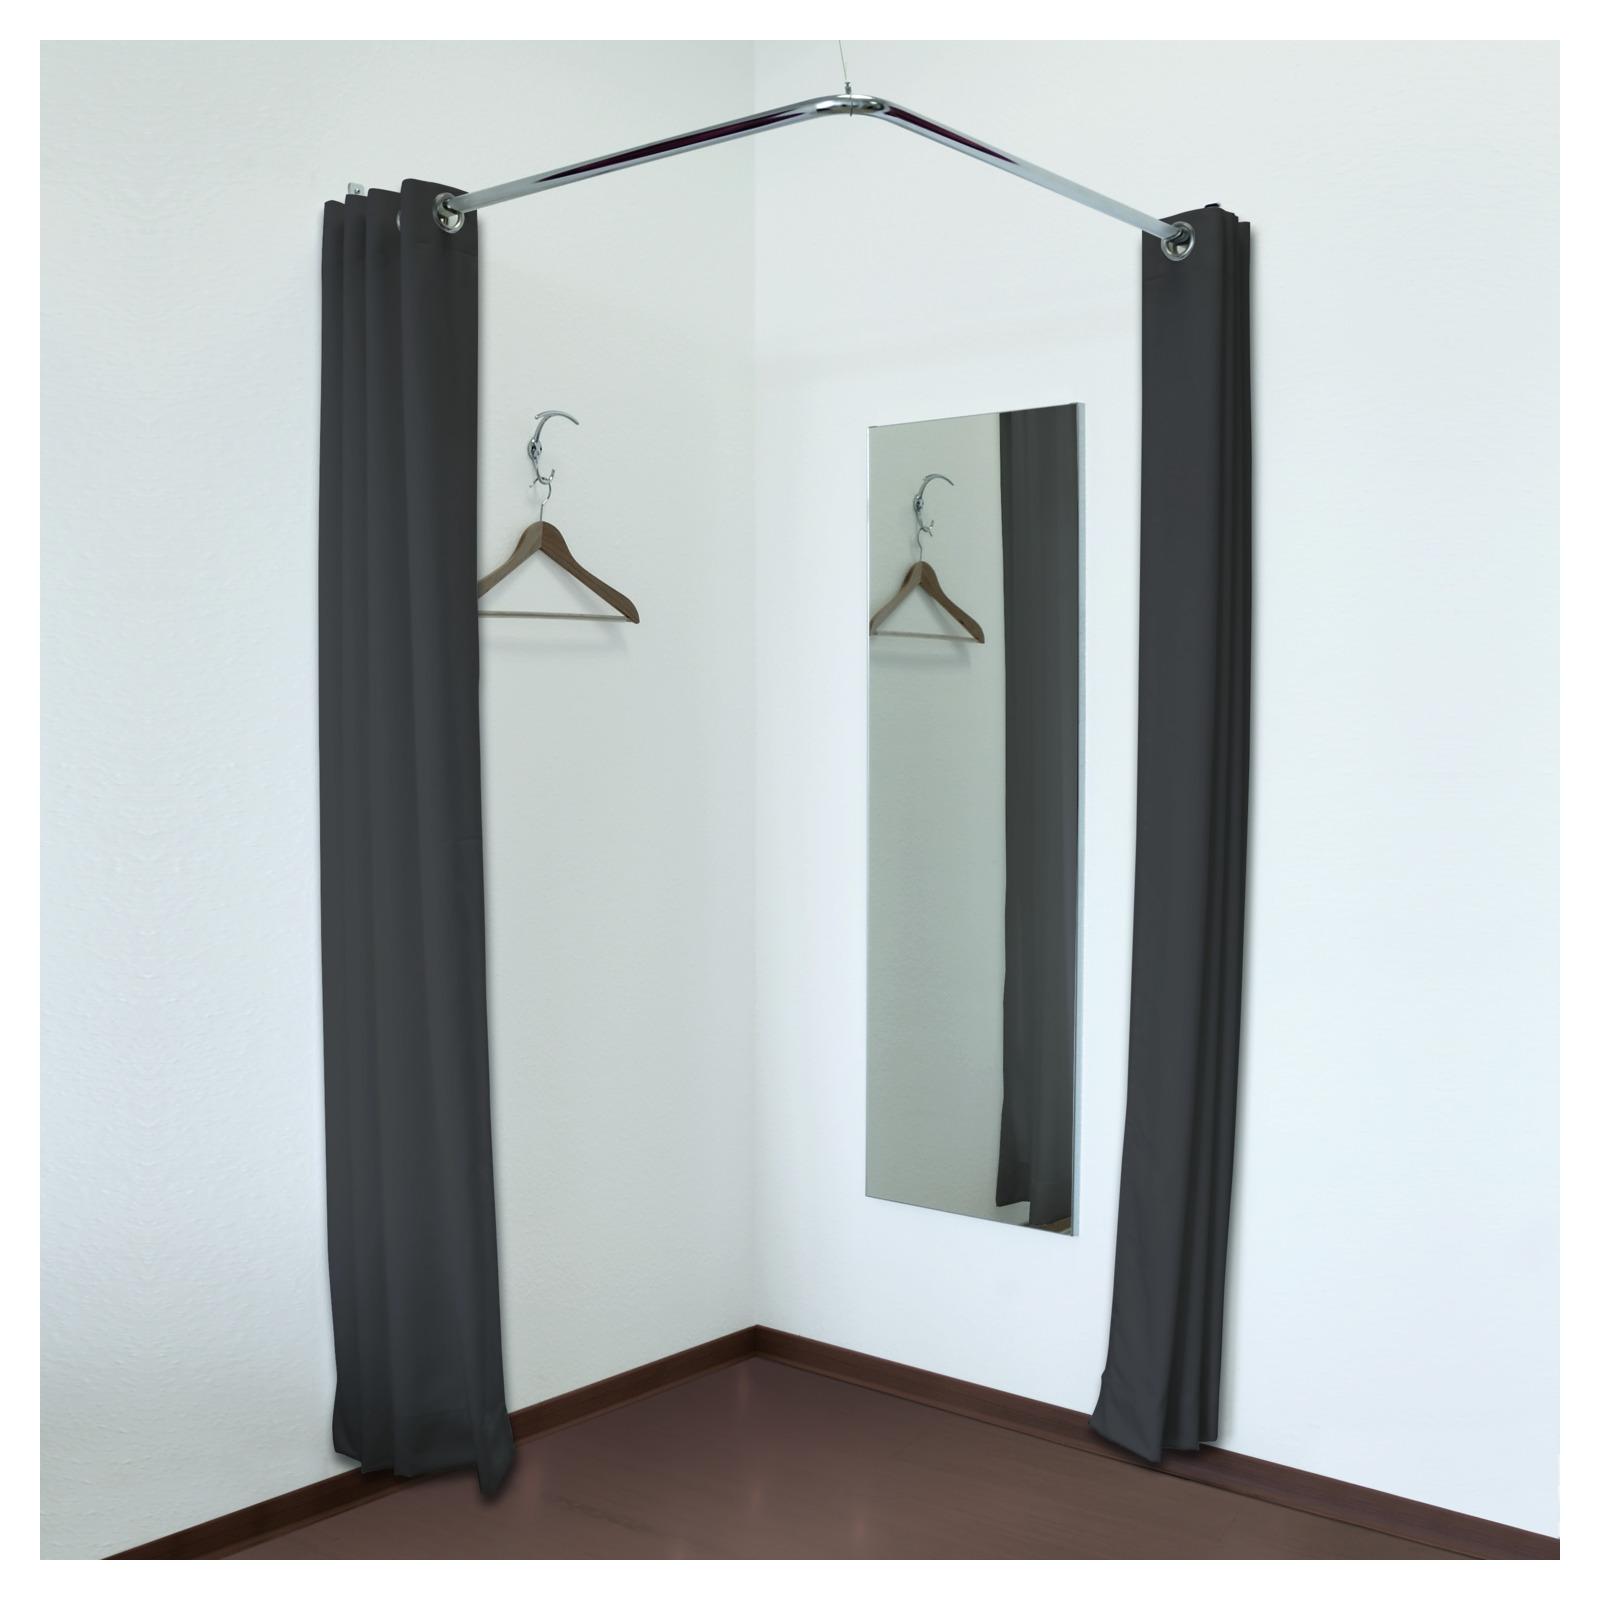 eck umkleidekabine mit zwei vorh ngen spiegel und zubeh r umkleidekabinen ladeneinrichtung. Black Bedroom Furniture Sets. Home Design Ideas